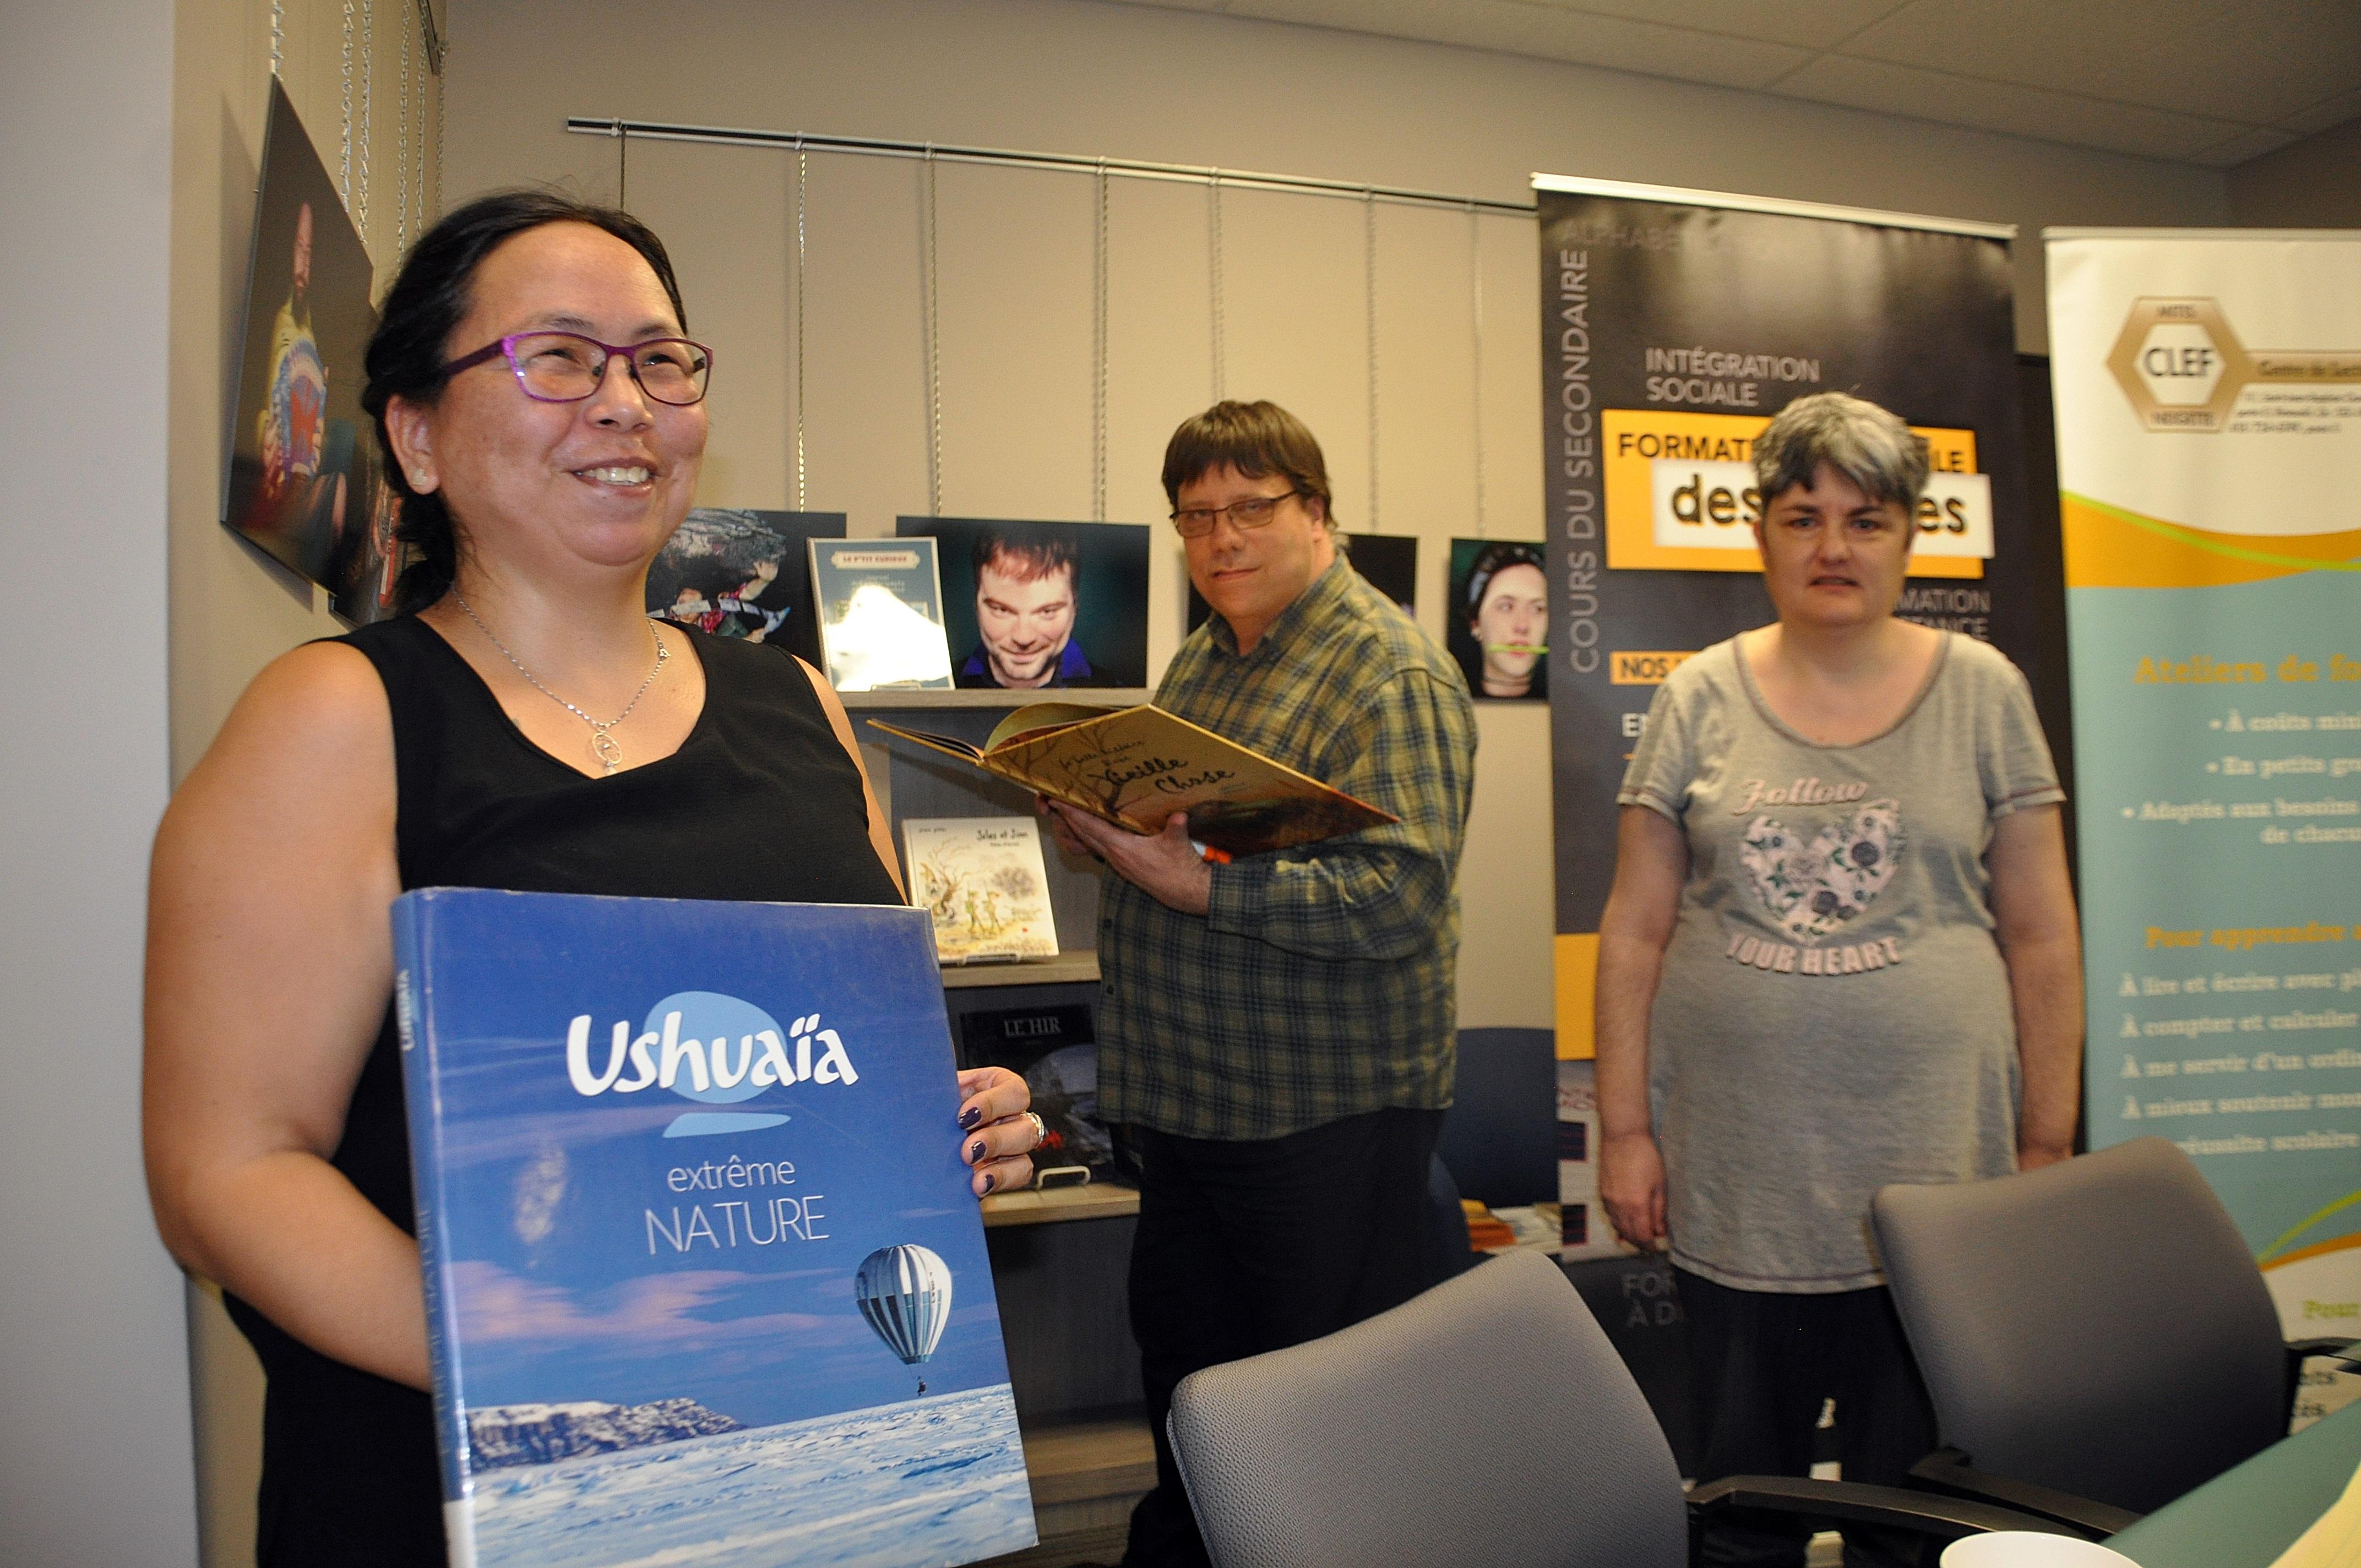 Elisapie Sivuarapik et ses collègues, qui ont choisi les livres de cette nouvelle sélection.